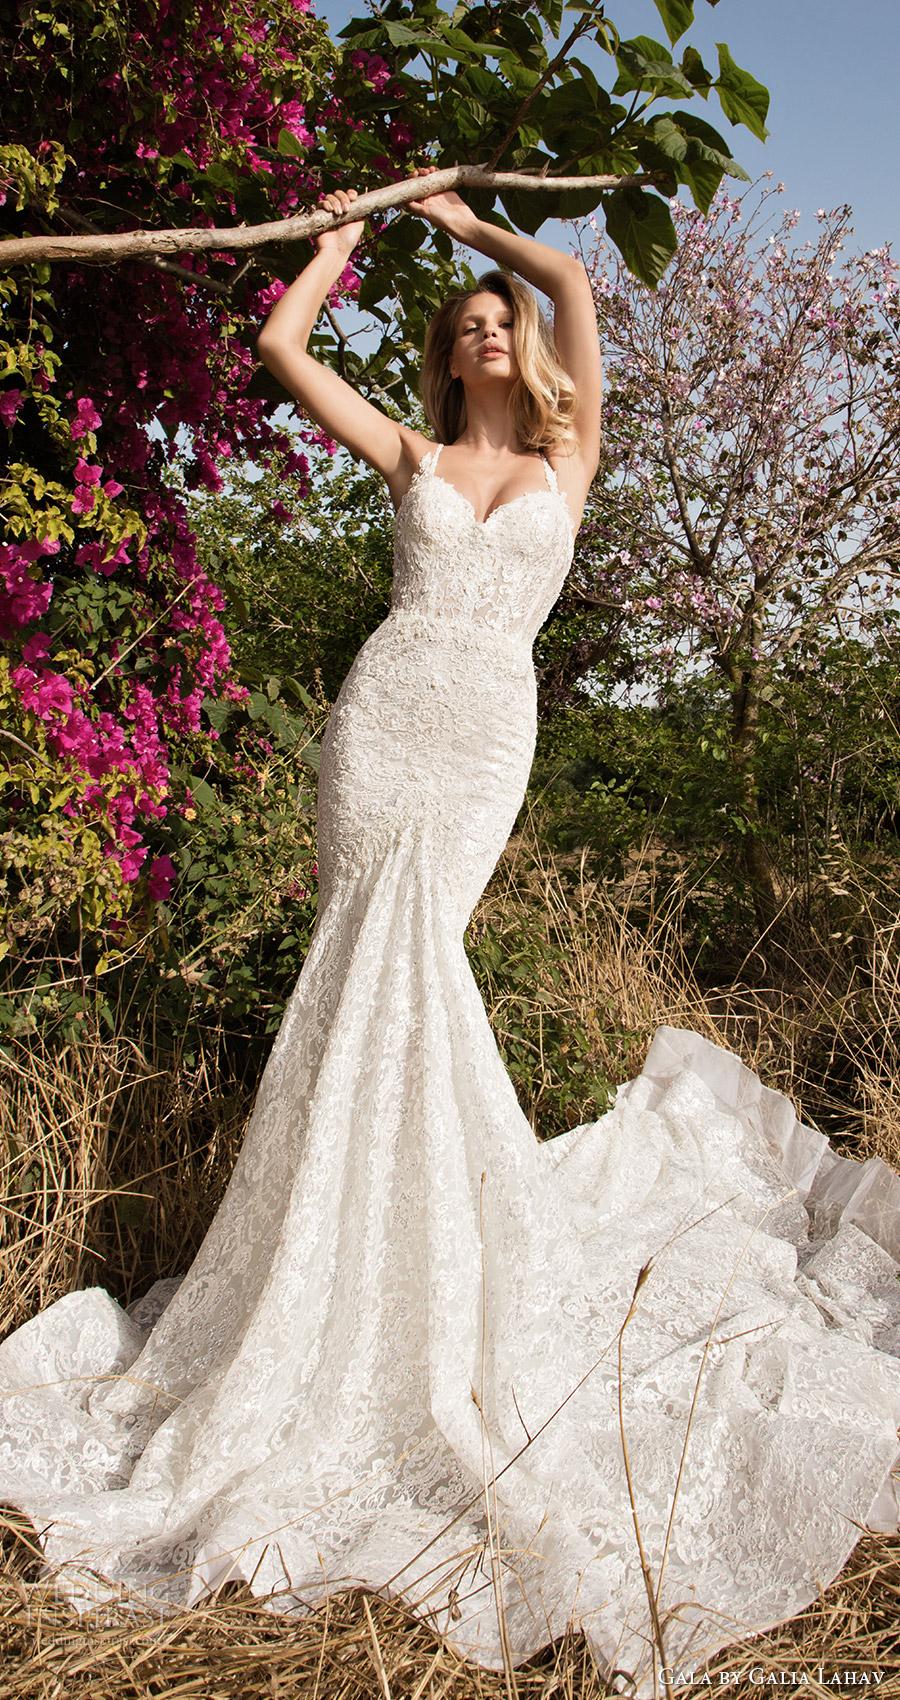 Gala galia sirena vestido de novia de encaje (707) tren mv